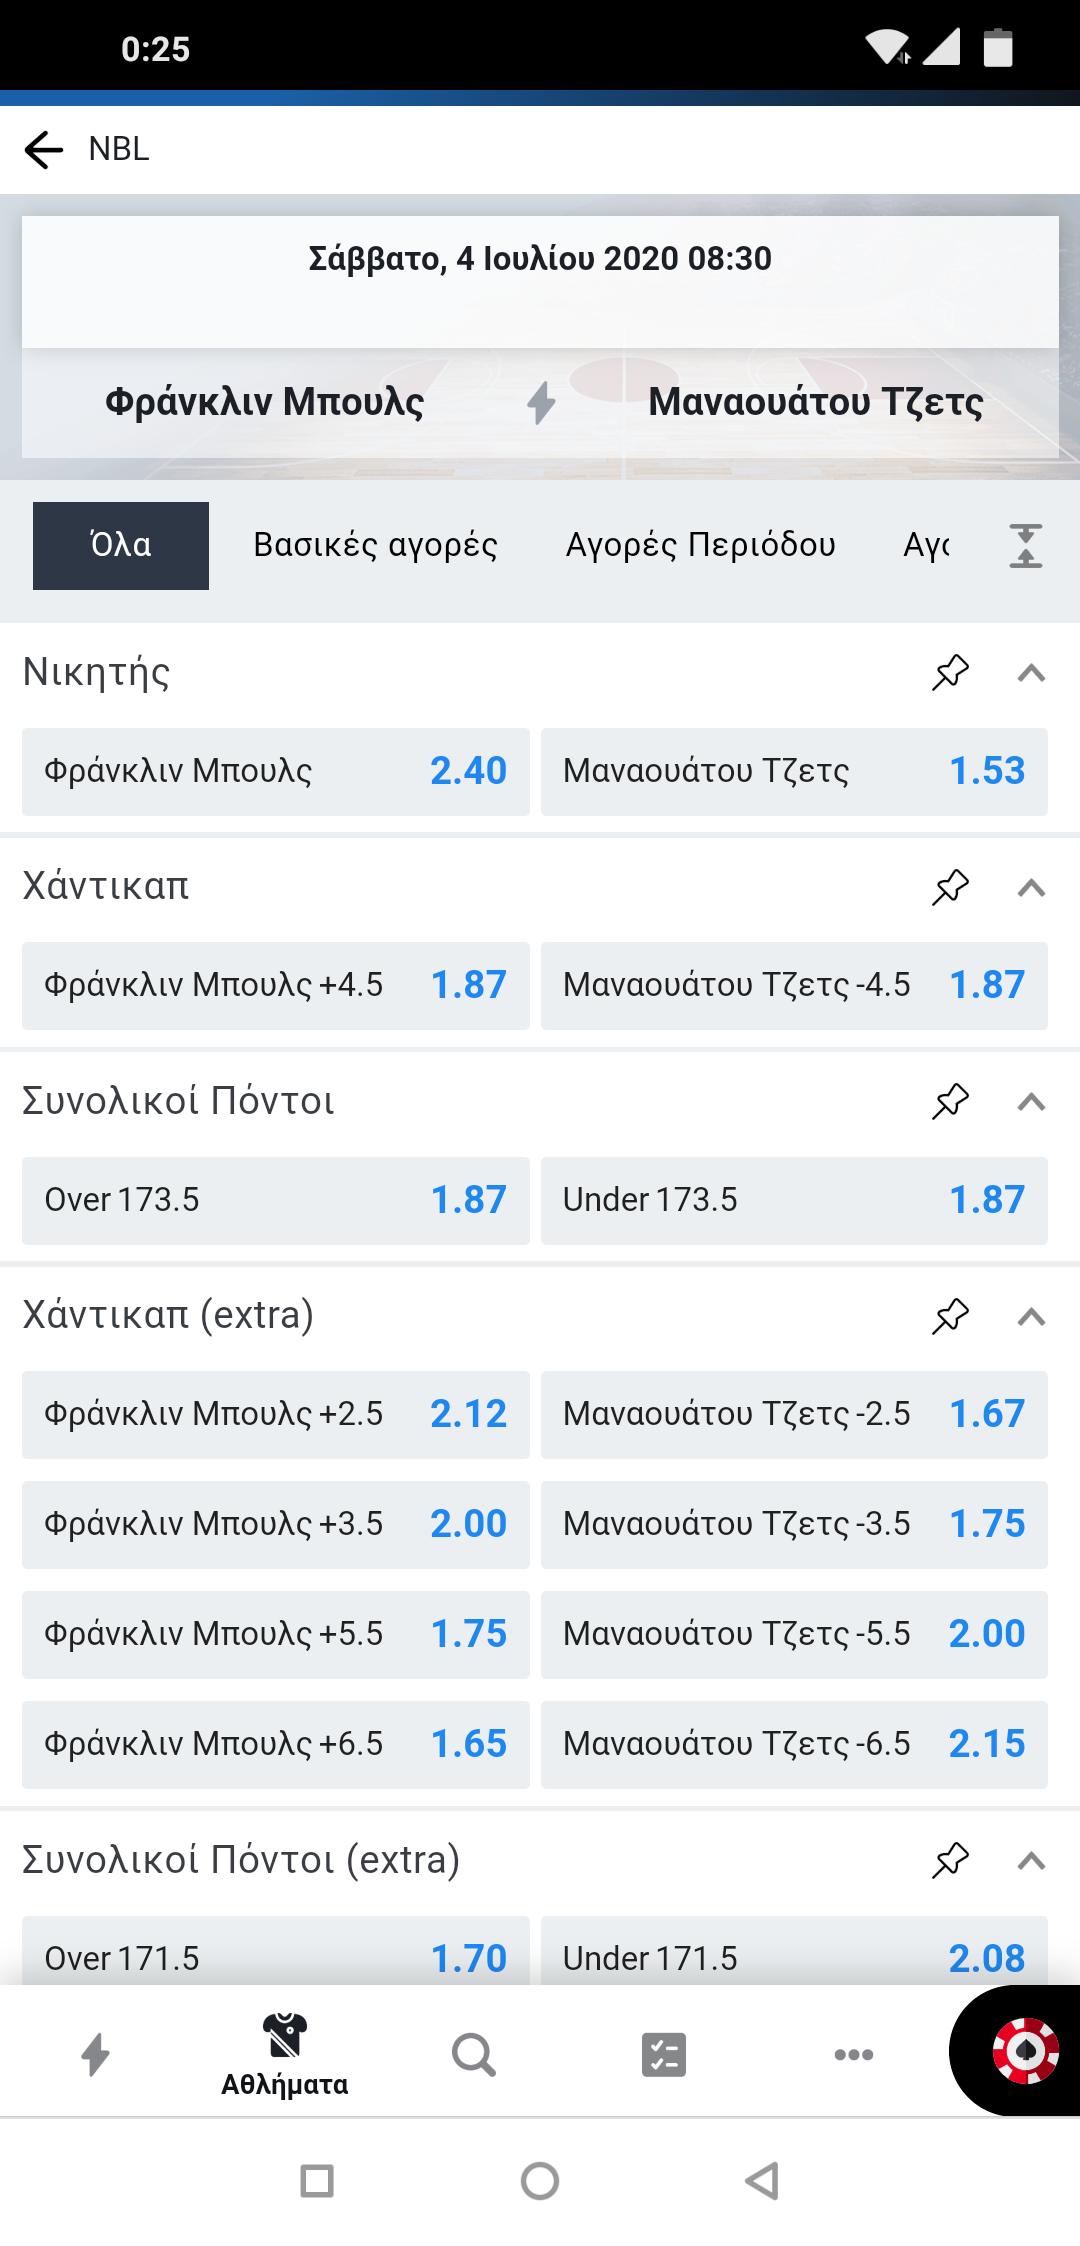 Screenshot_2020-07-04-00-25-14-089_com.android.chrome.png